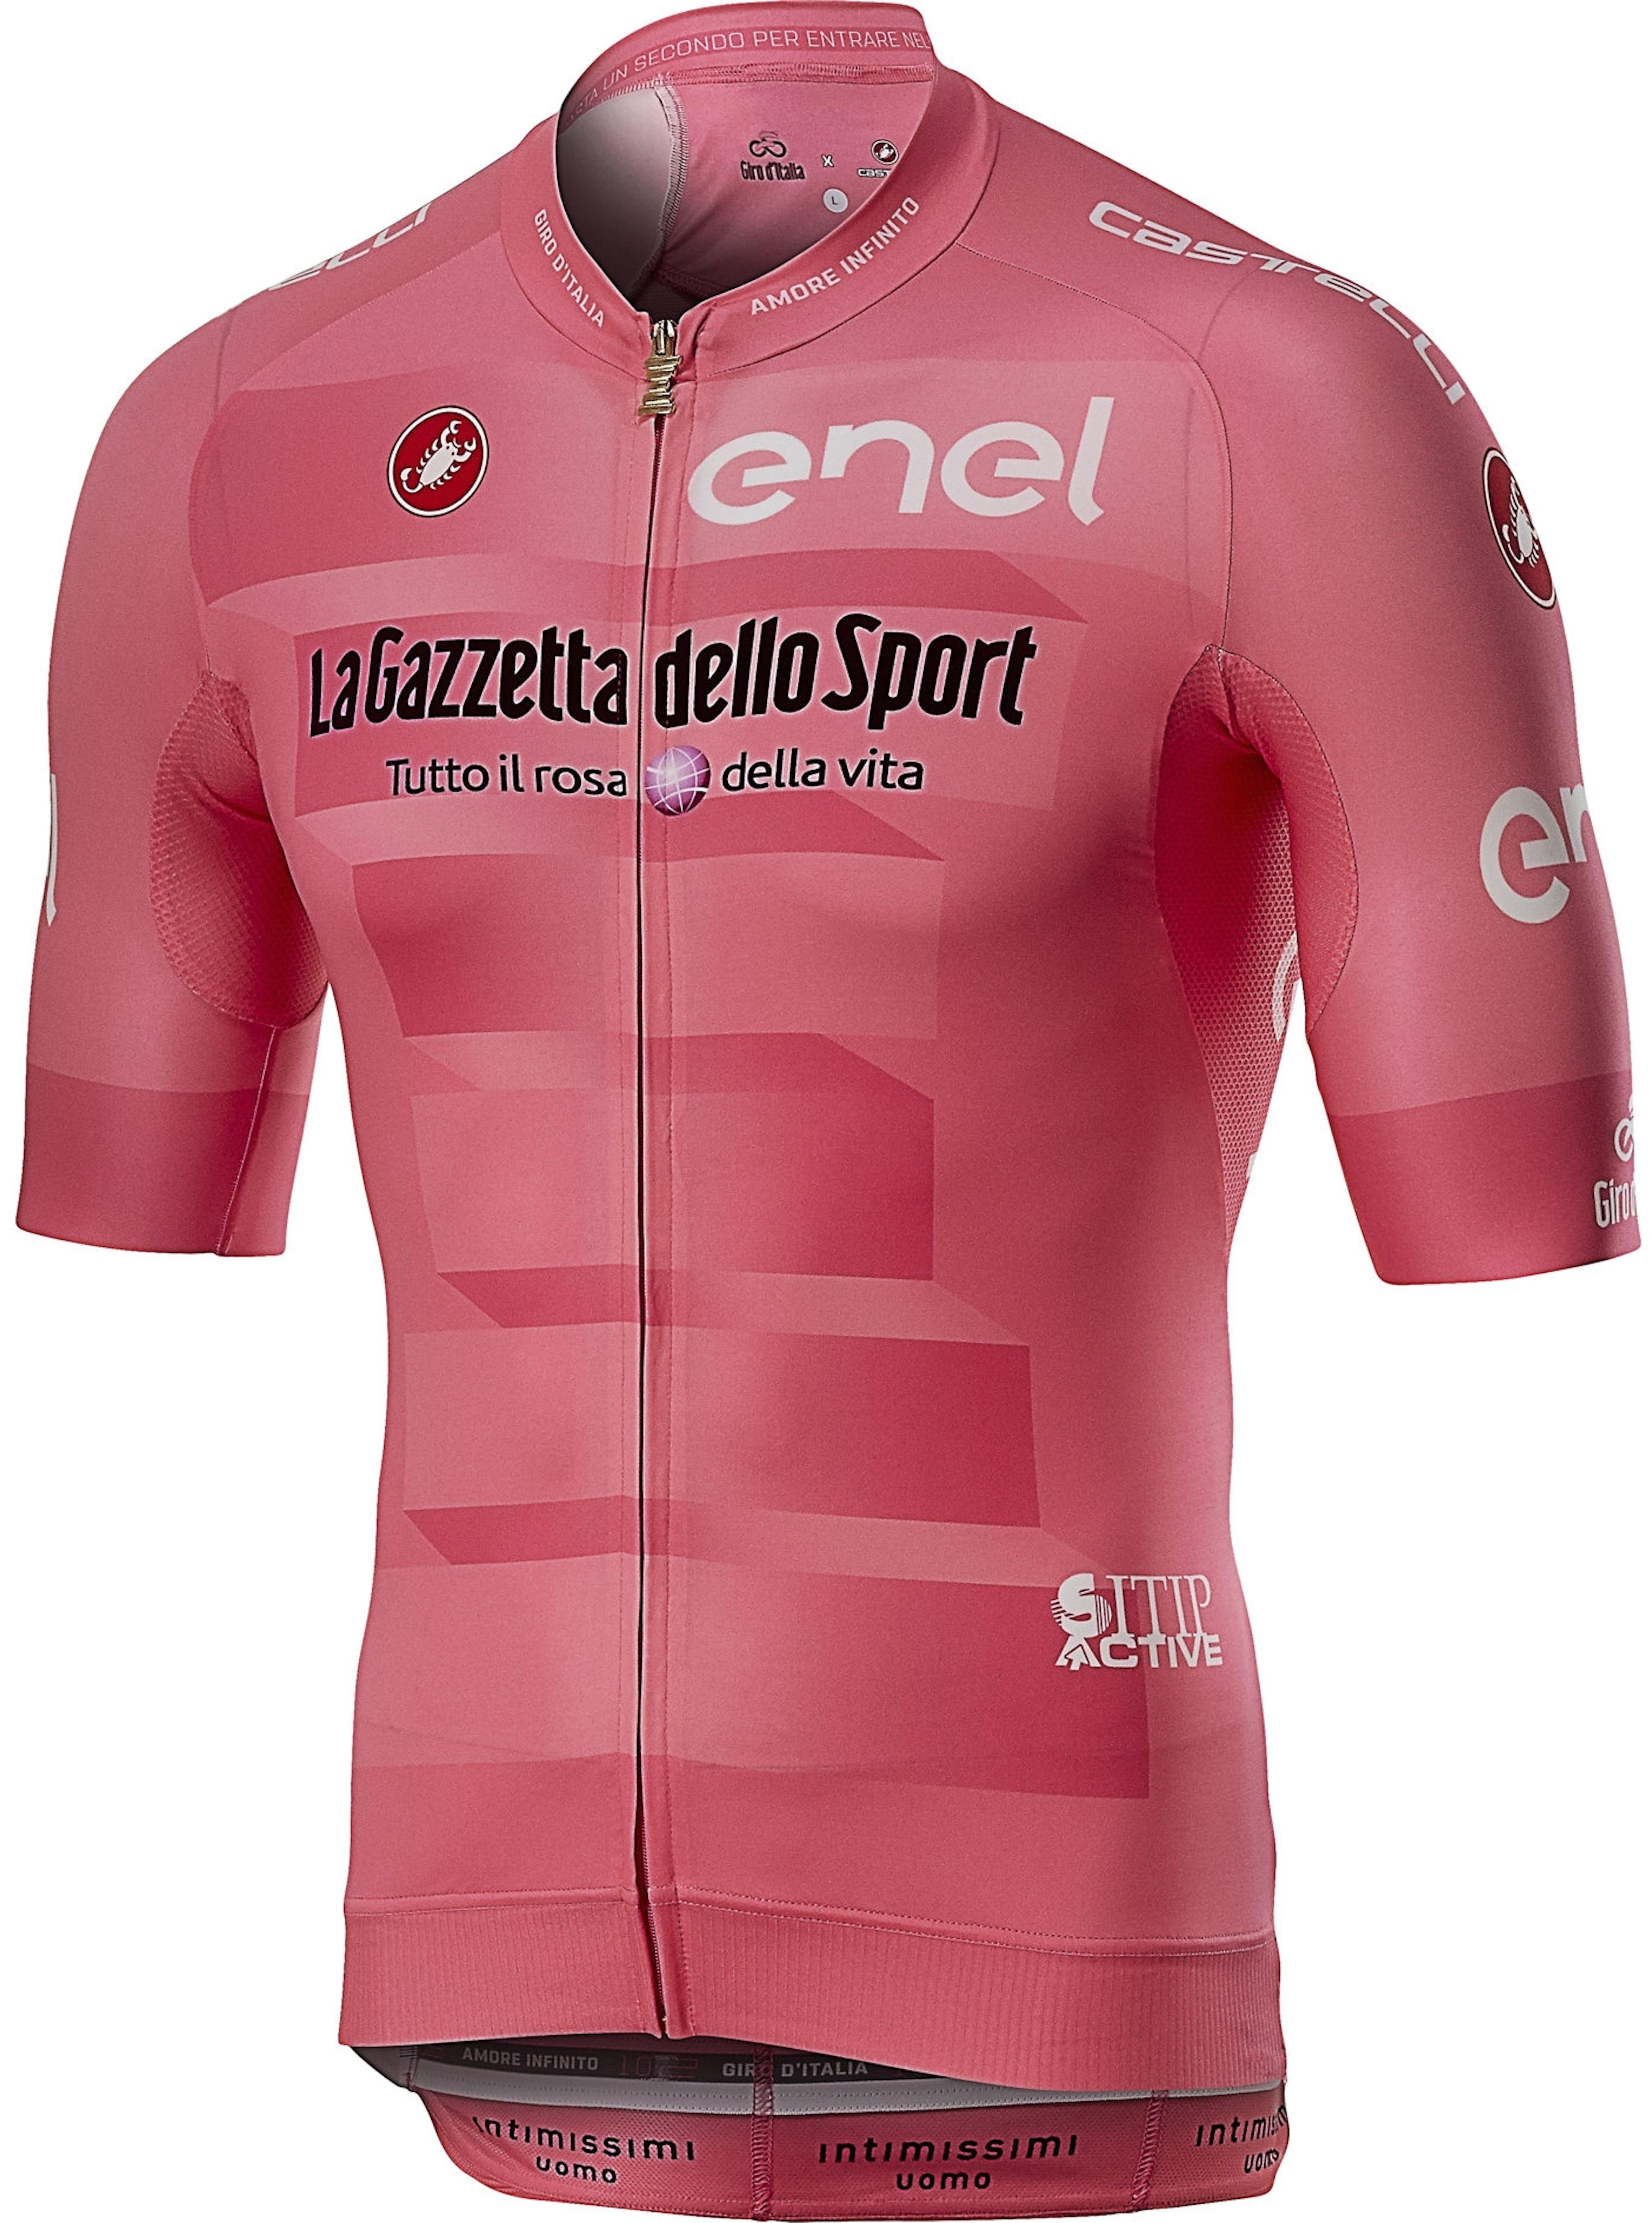 e17df76bc0c7 Castelli Maglia Rosa Race Giro d'Italia 2019 - uomo   Sportler.com